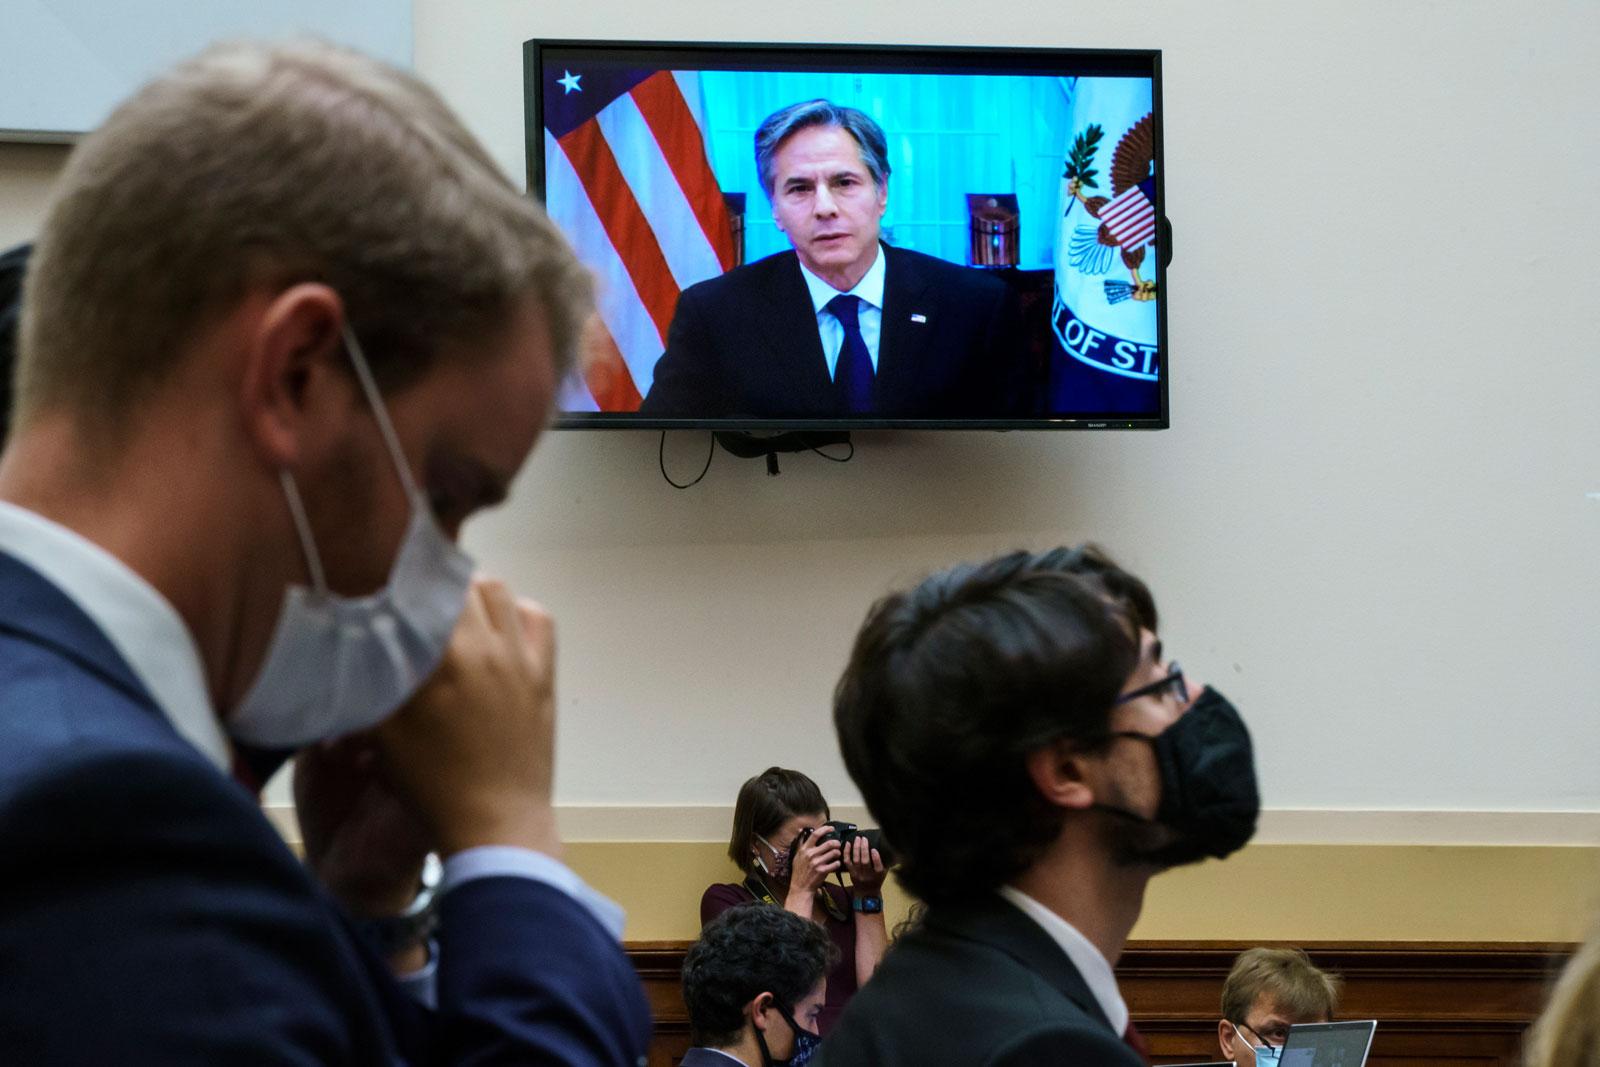 Secretary of State Antony Blinken appears remotely on a TV monitor on September 13.